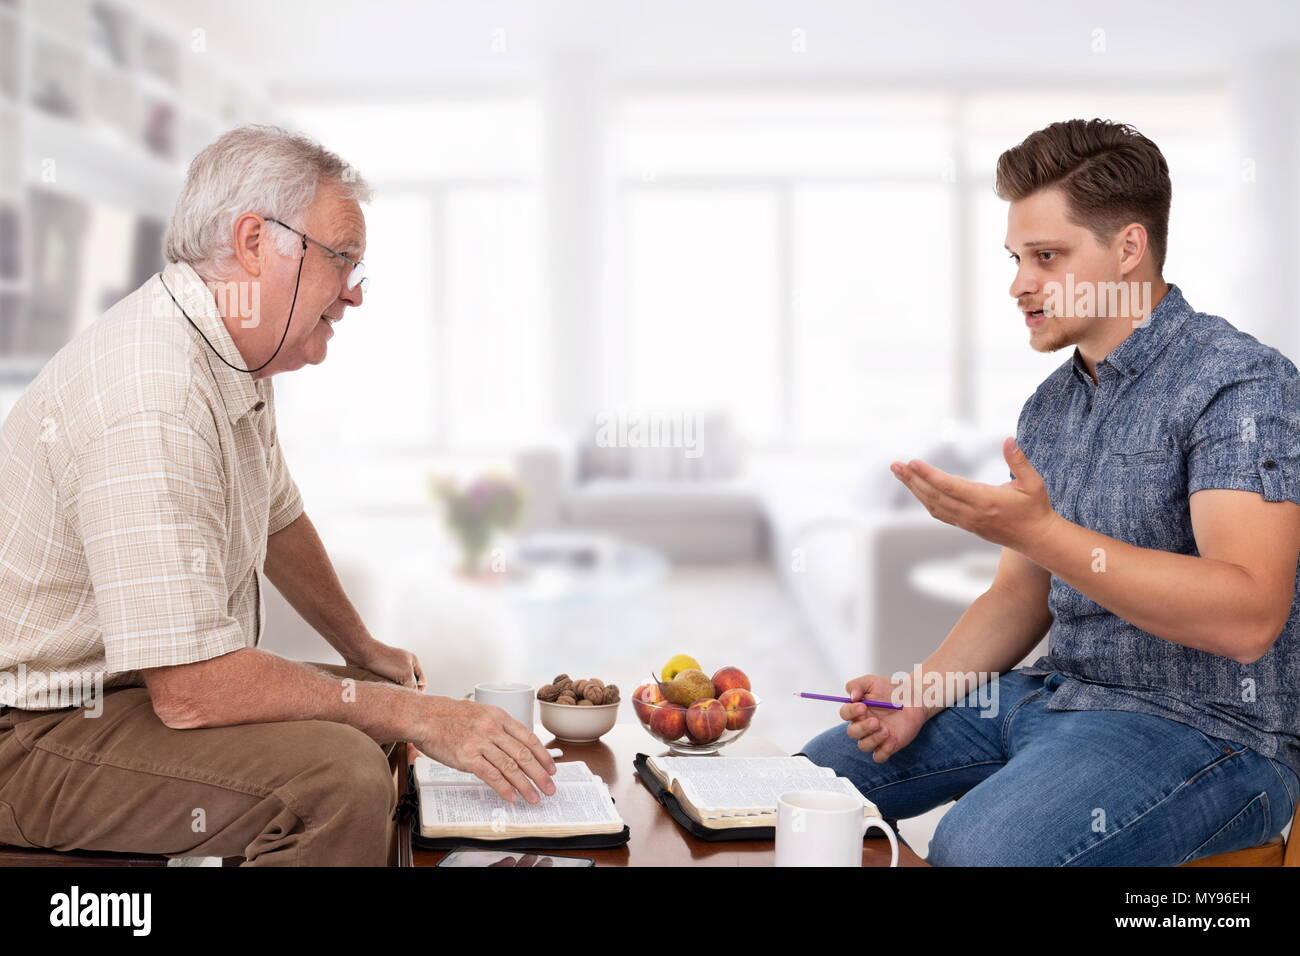 Serviteur de l'église faisant conseiller du conseil à un jeune homme d'étudier la Bible Banque D'Images